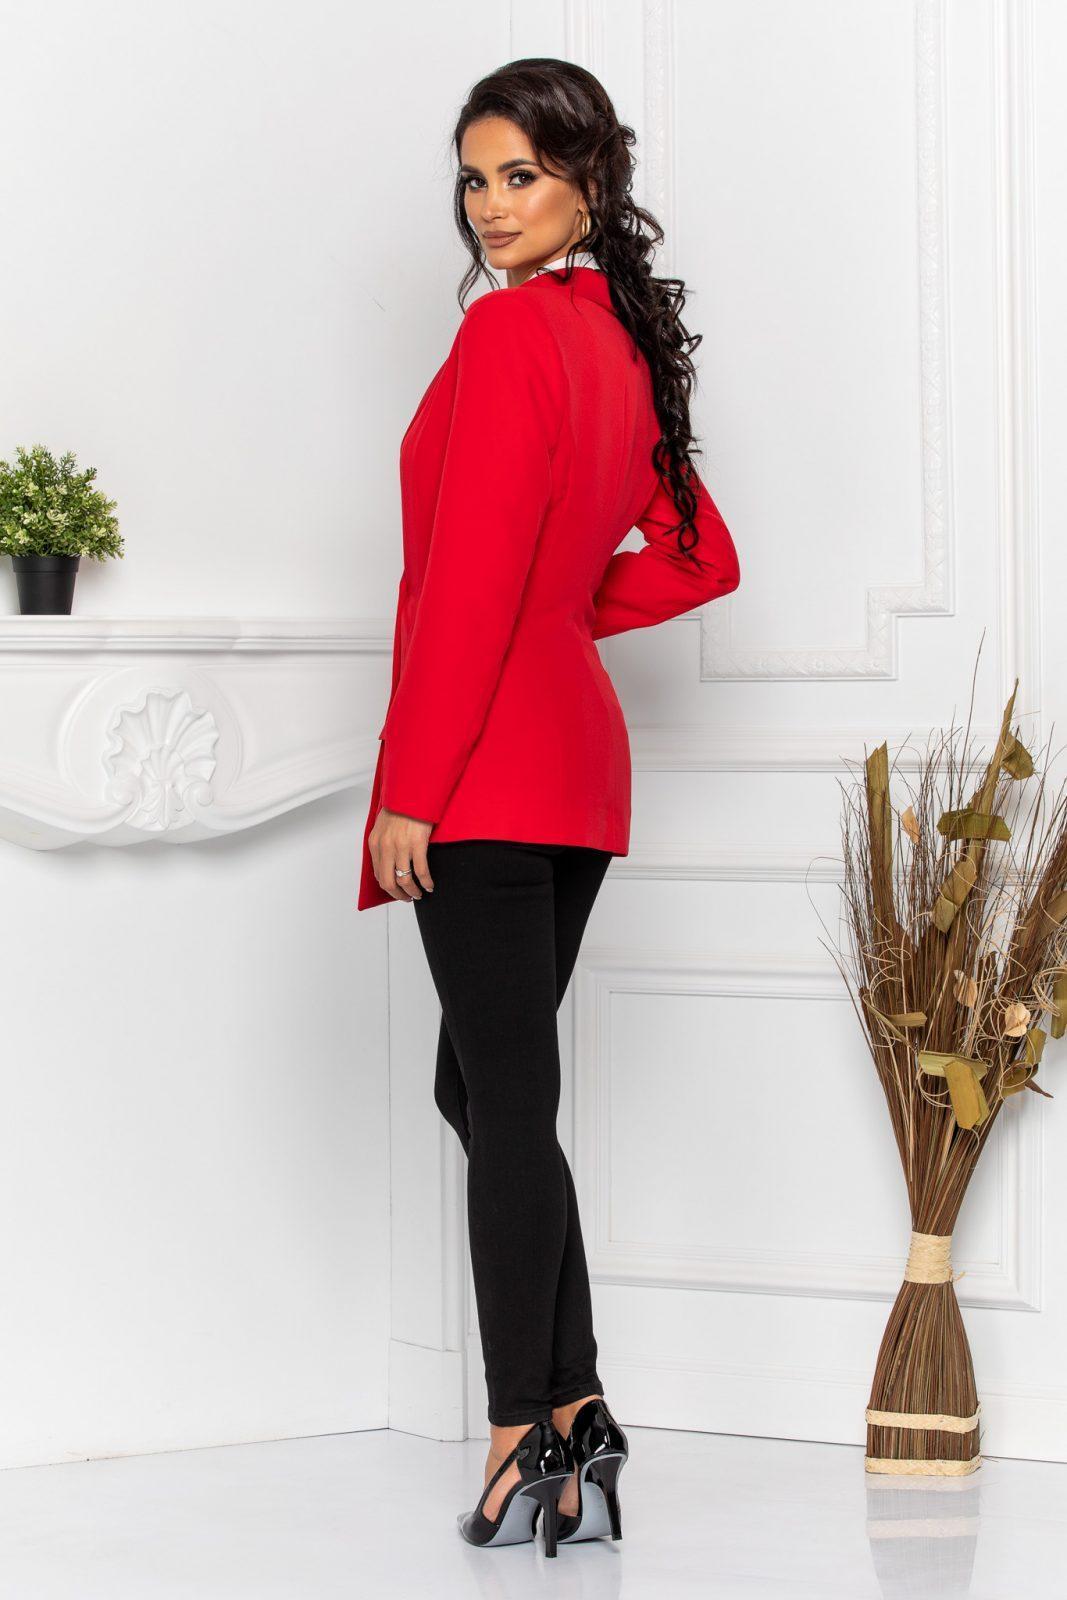 Κόκκινο Σακάκι Tavy 8542 3